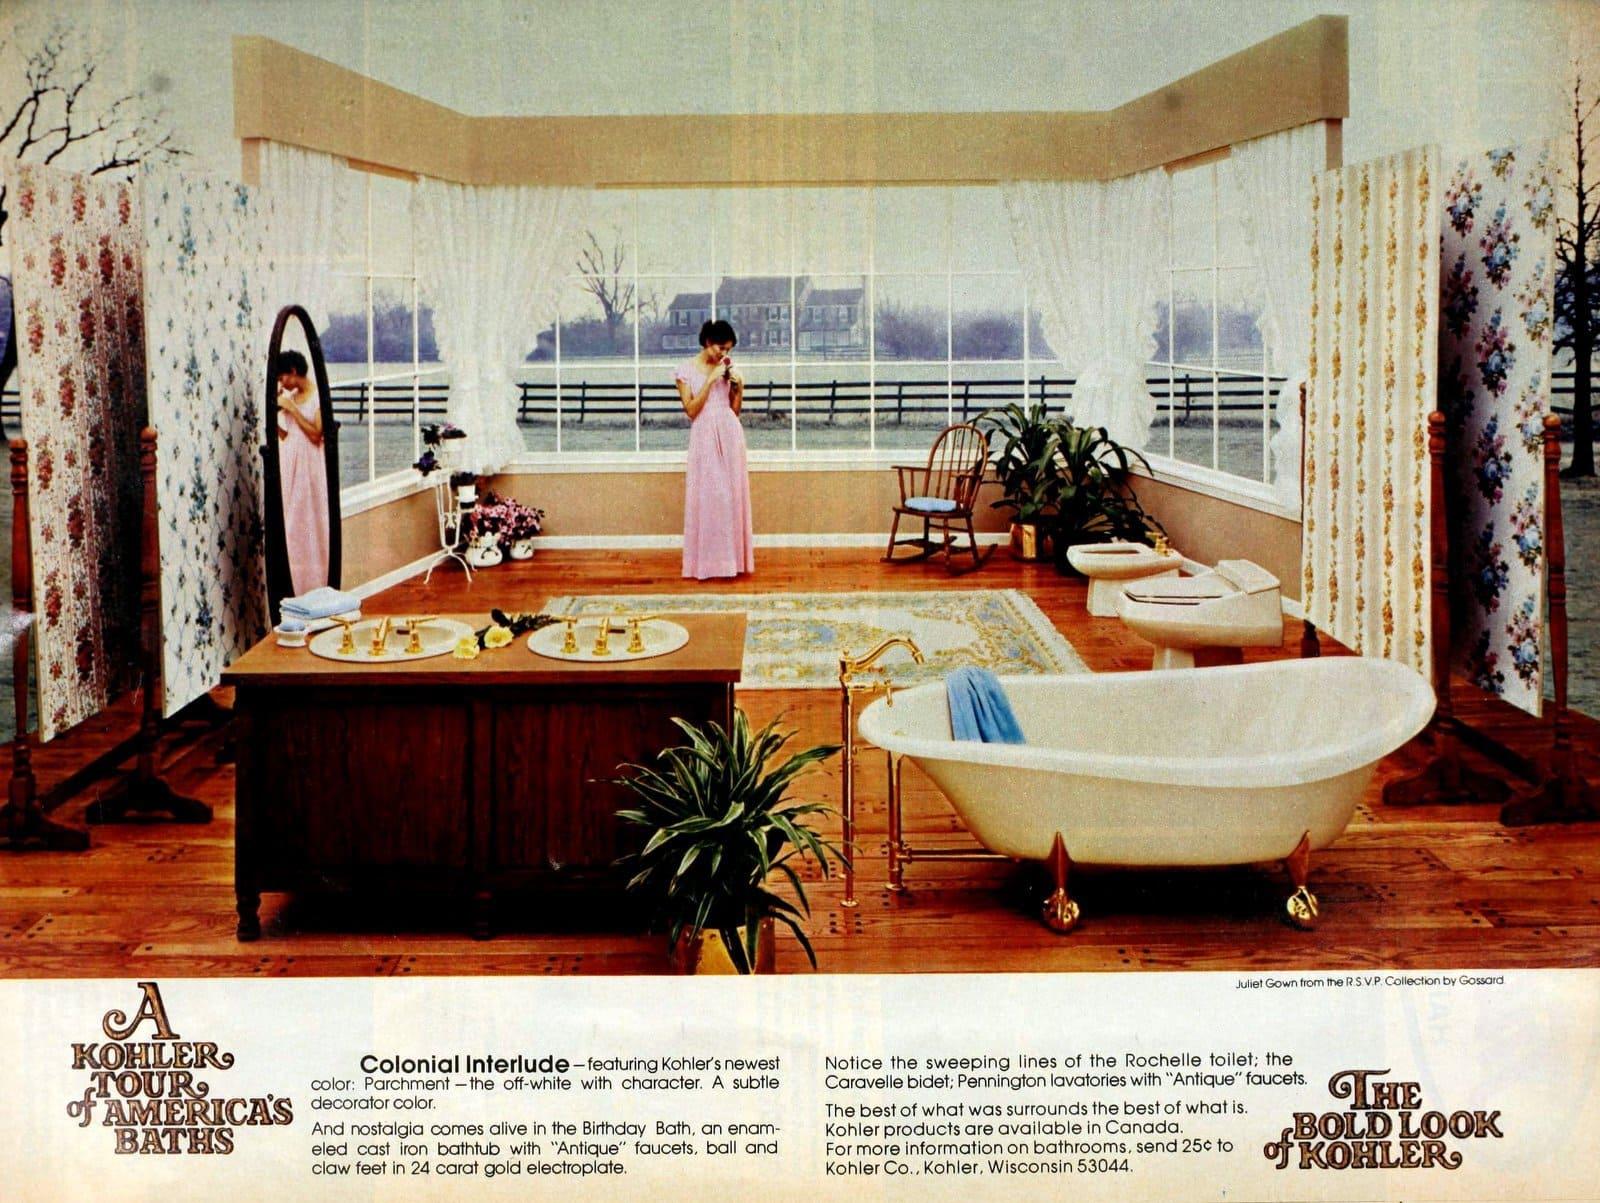 Vintage home decor - Kohler bathroom suites from 1976 (2)